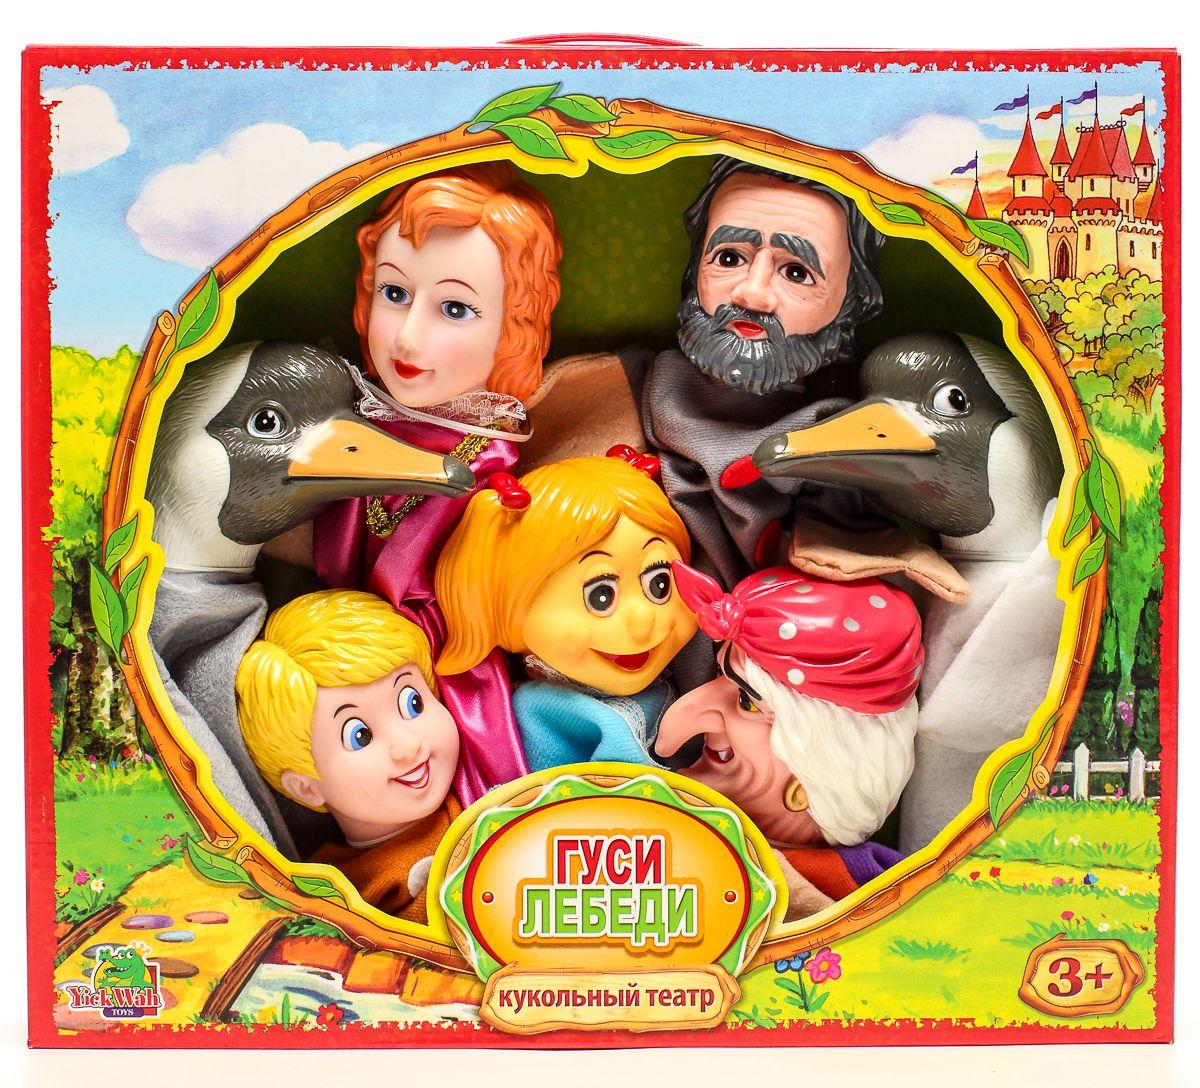 Yick Wah Кукольный театр Гуси-Лебеди7142/7SКукольный театр создан на основе всем известной сказки.Набор состоит из 7-и кукол-марионеток большого размера,одевающихся на кисть руки.Куклы обладают высокой прочностью,безопасностью.Доставляют малышам масс приятных и радостных эмоций